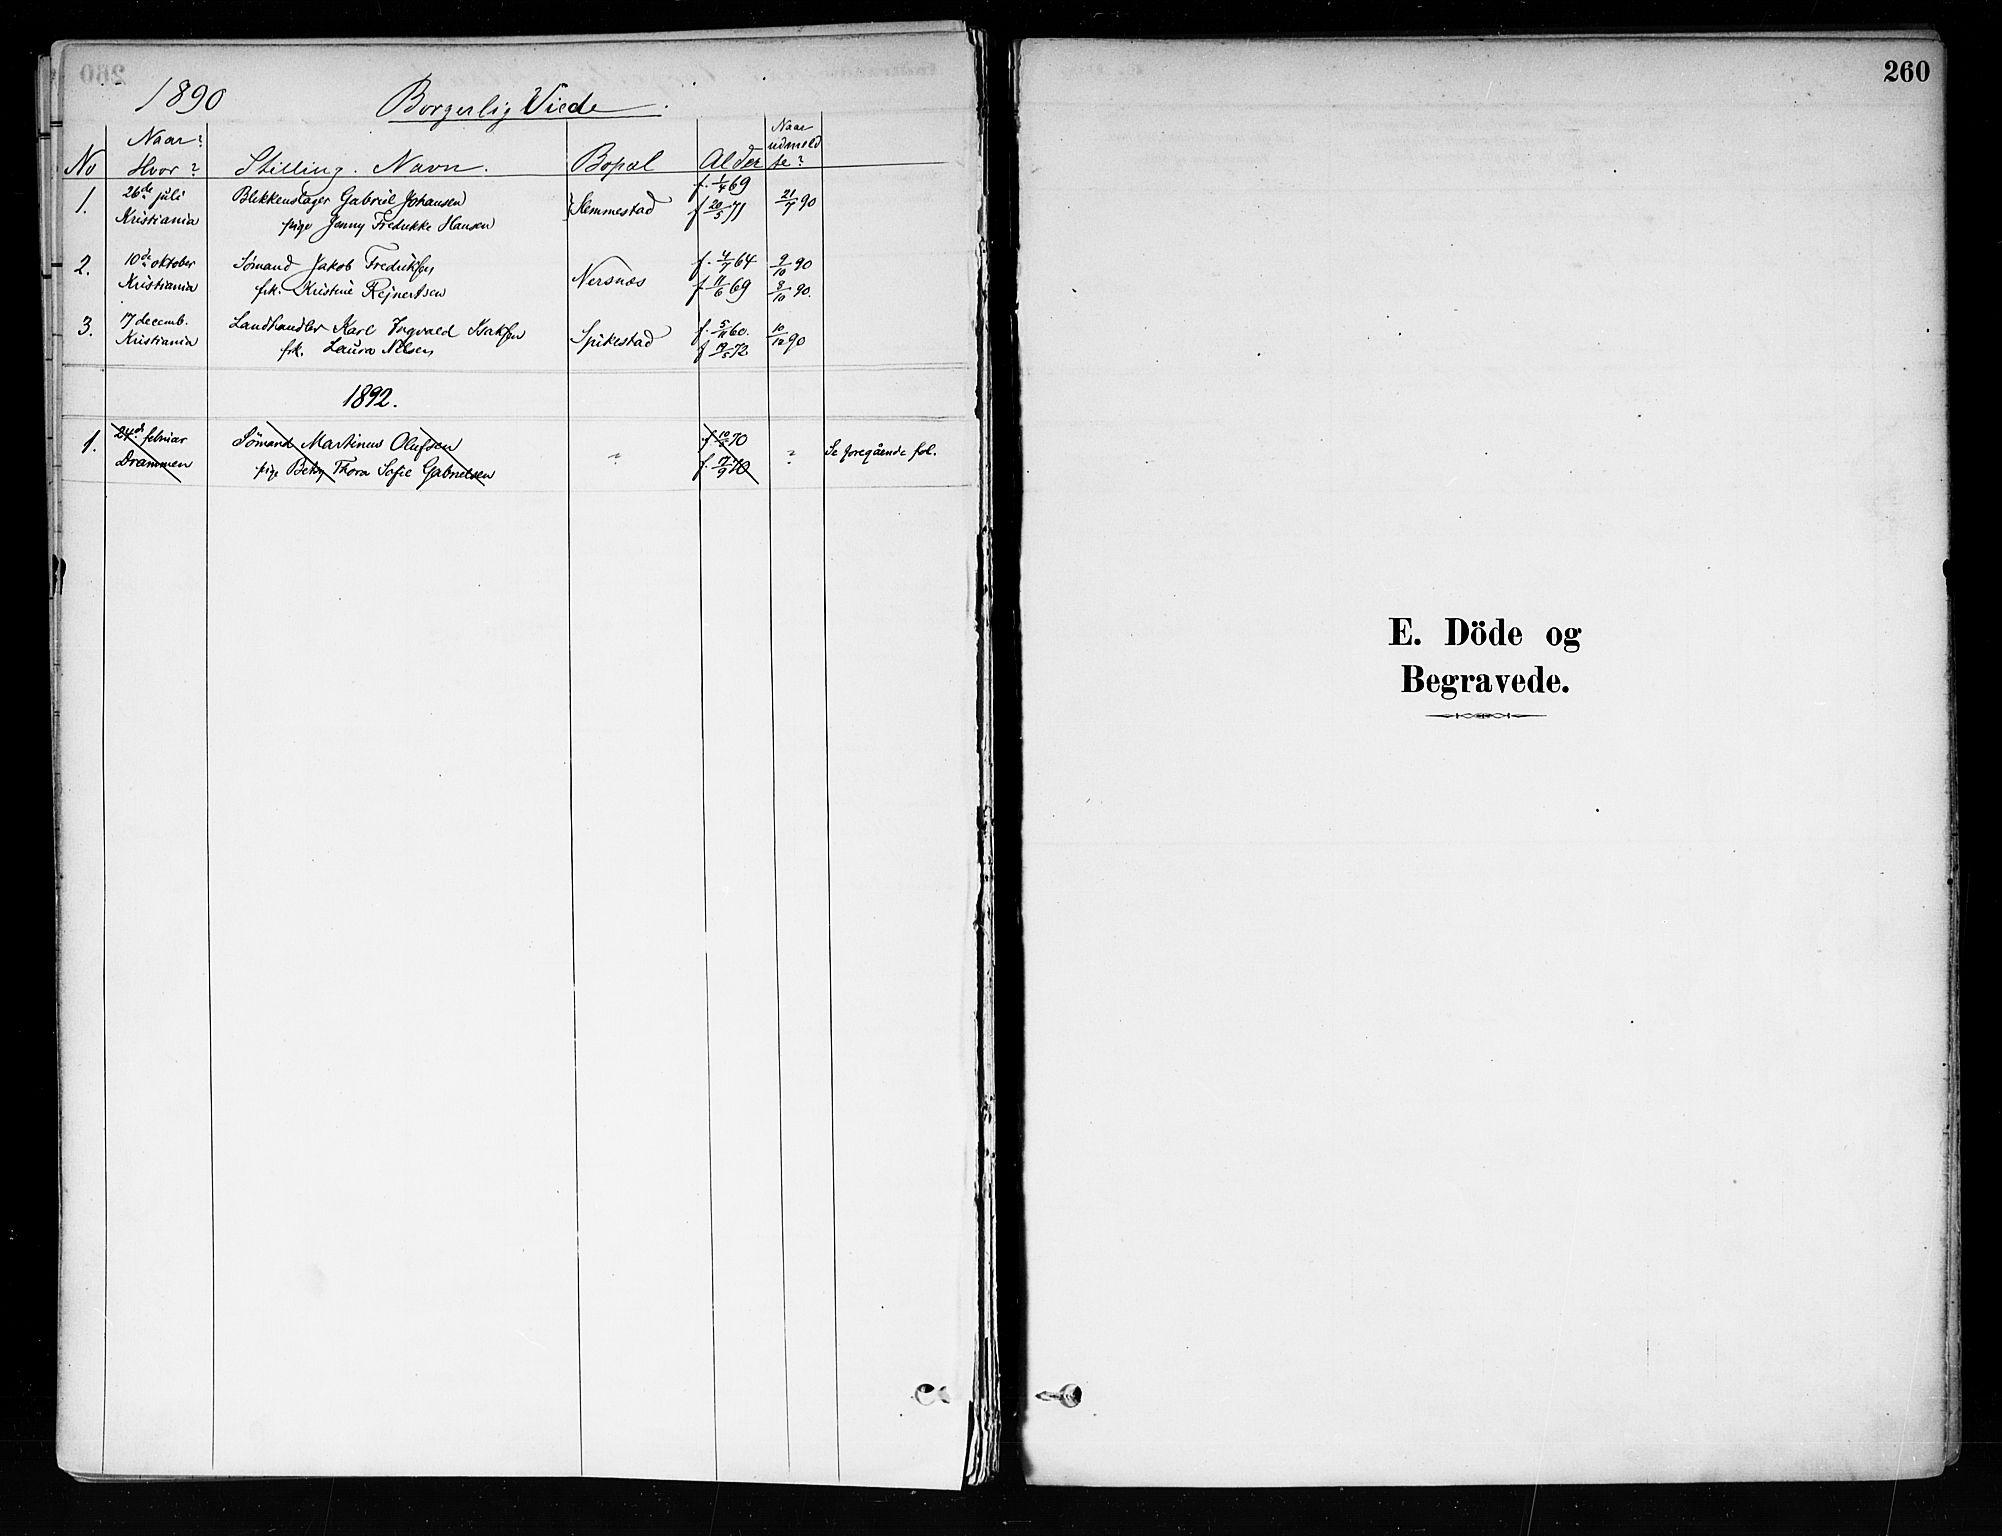 SAKO, Røyken kirkebøker, F/Fa/L0008: Ministerialbok nr. 8, 1880-1897, s. 260